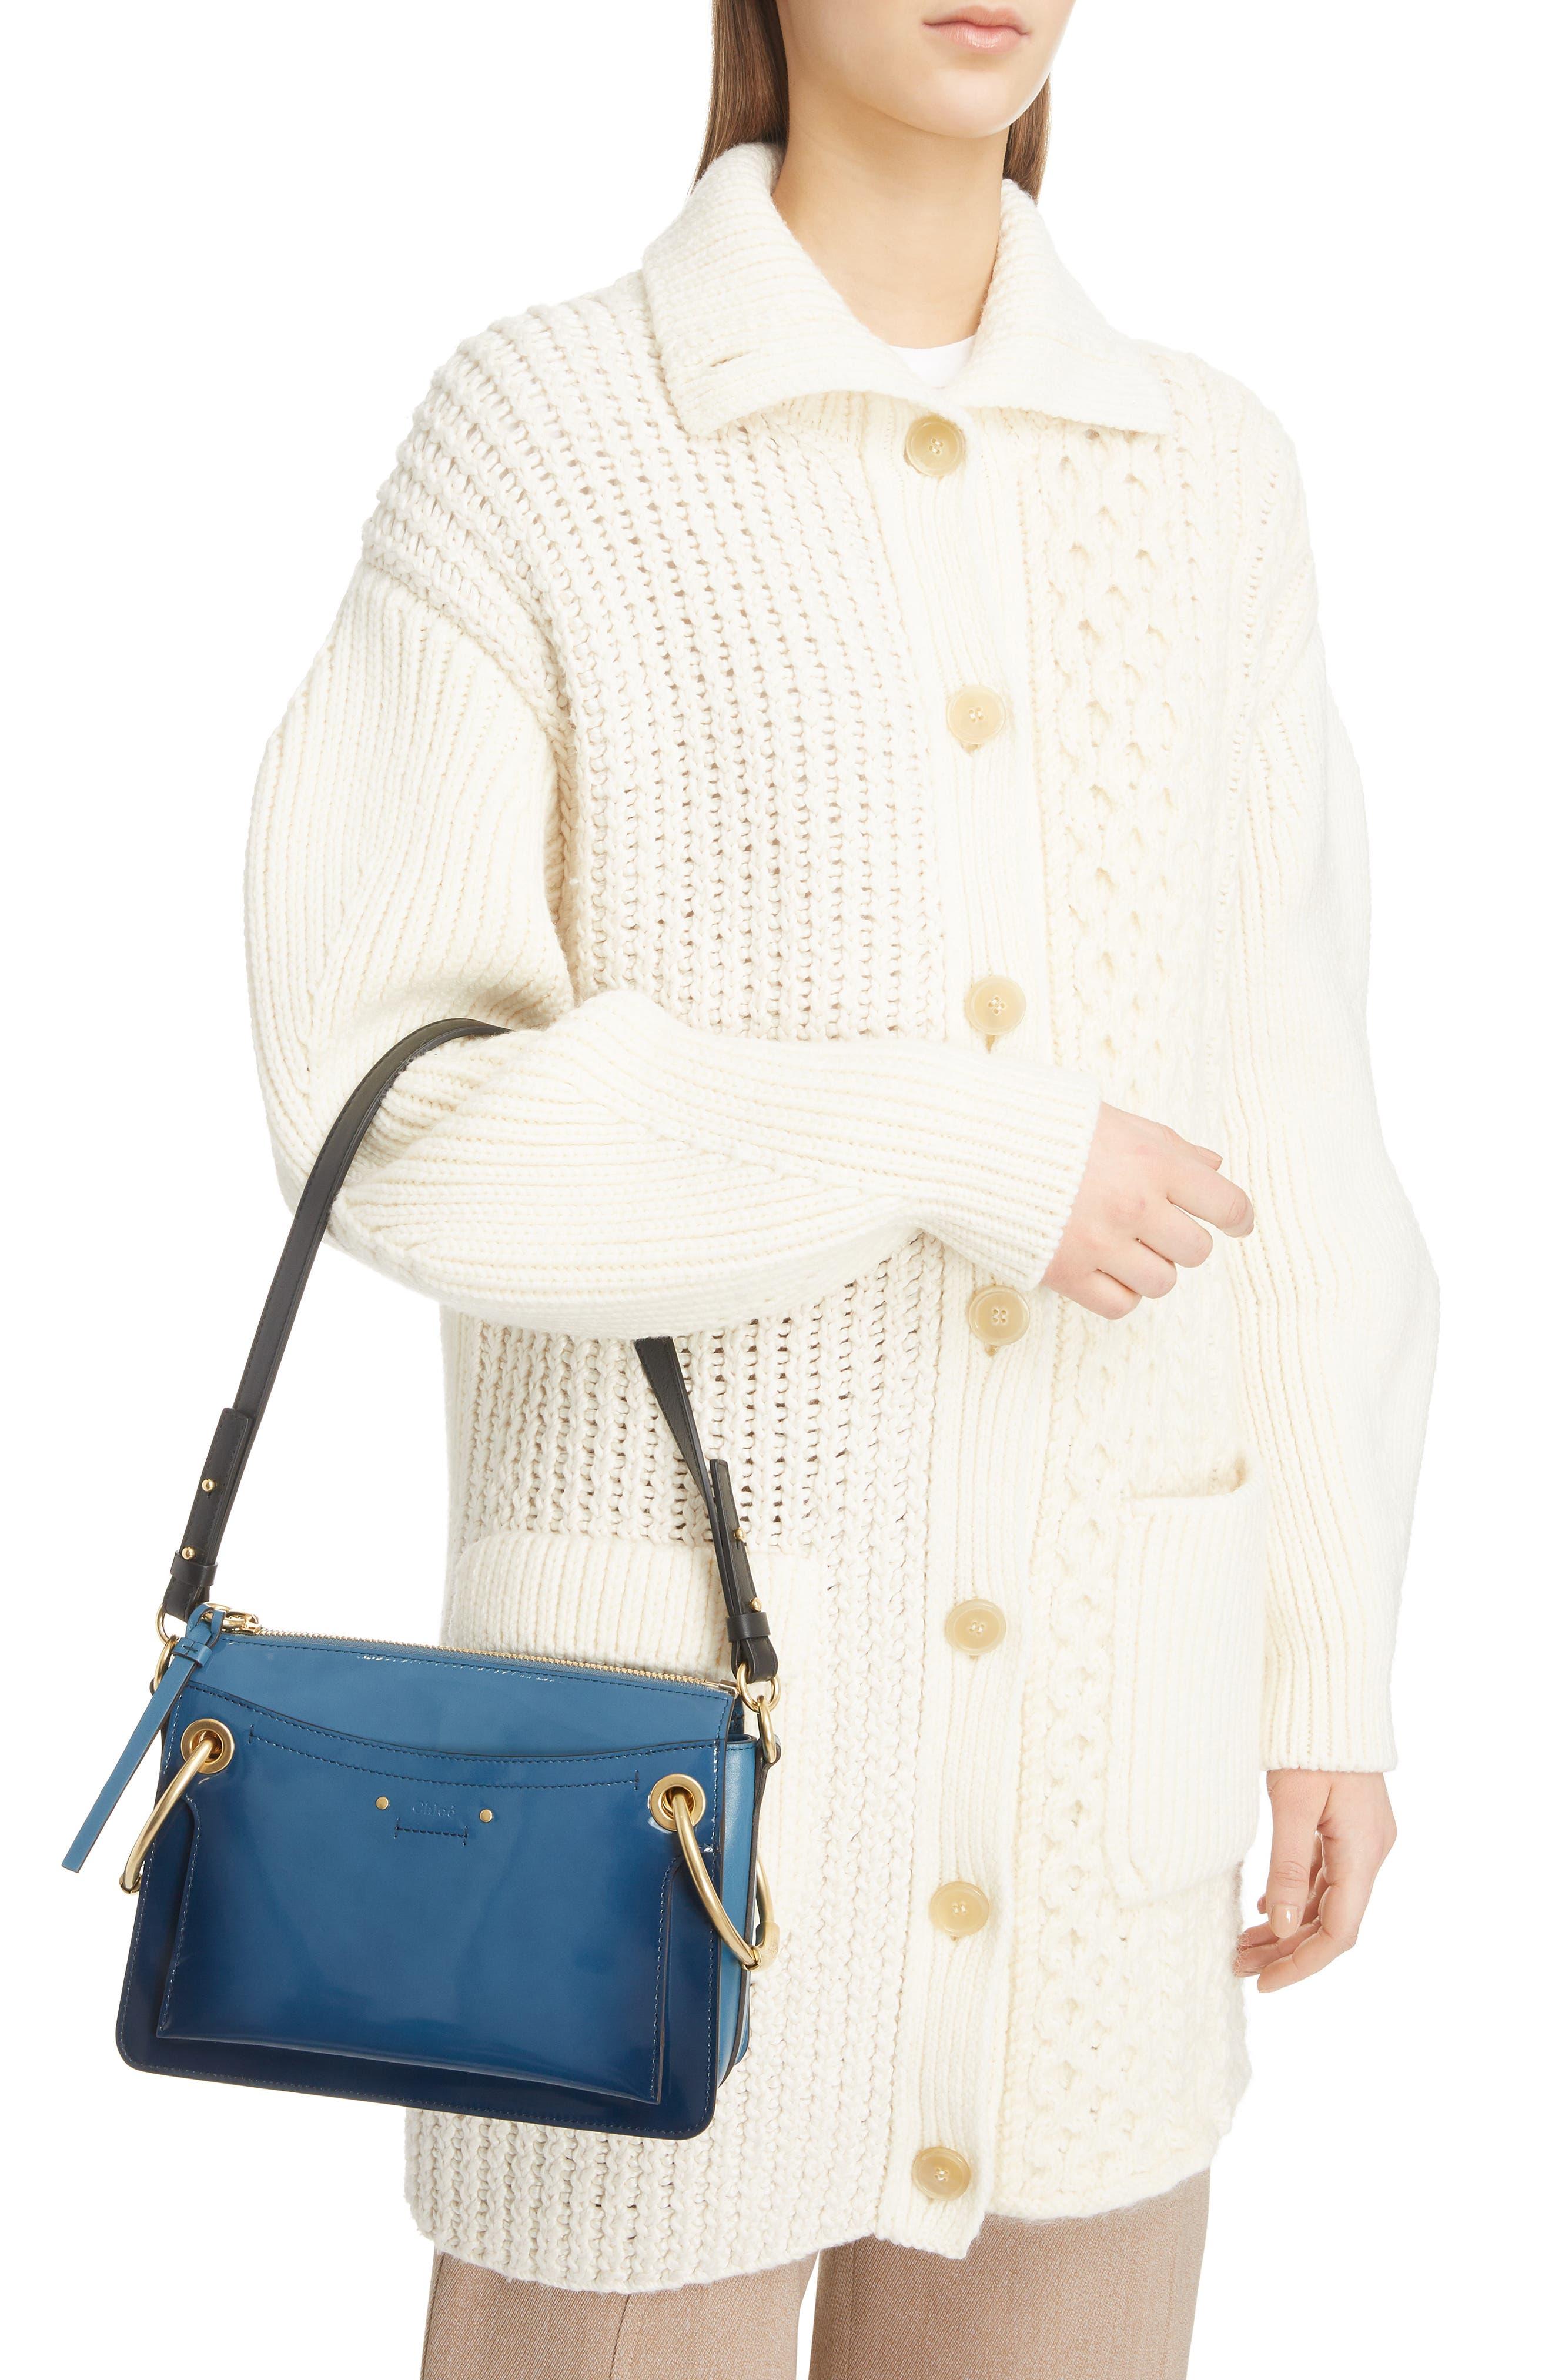 Large Roy Leather Shoulder Bag,                             Alternate thumbnail 2, color,                             Vinyl Blue